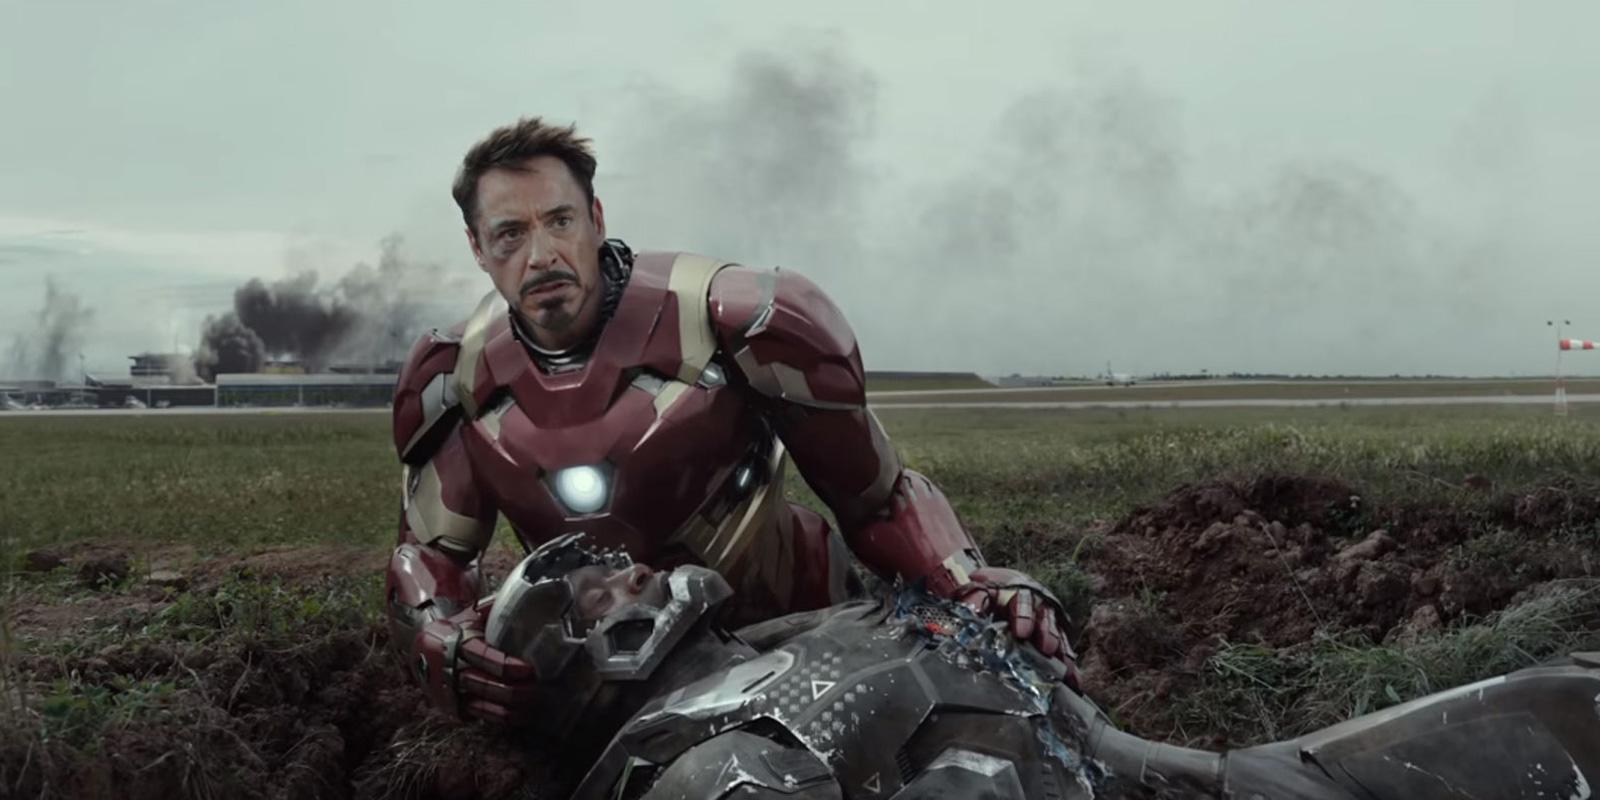 captain-america-civil-war-still-1.jpg